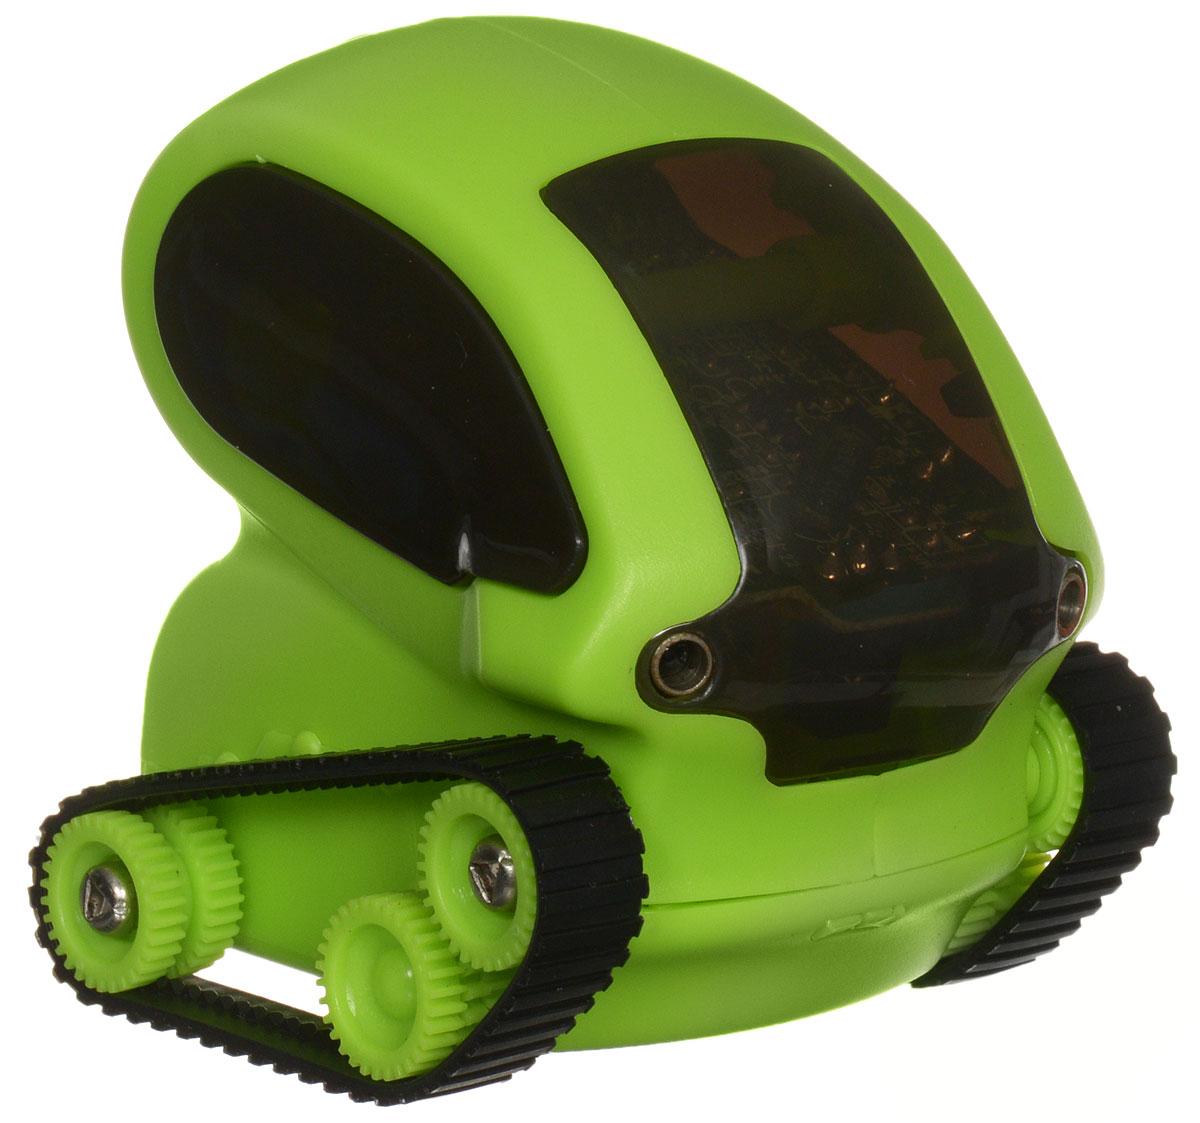 DeskPets Микро-робот на радиоуправлении Танкбот цвет зеленый